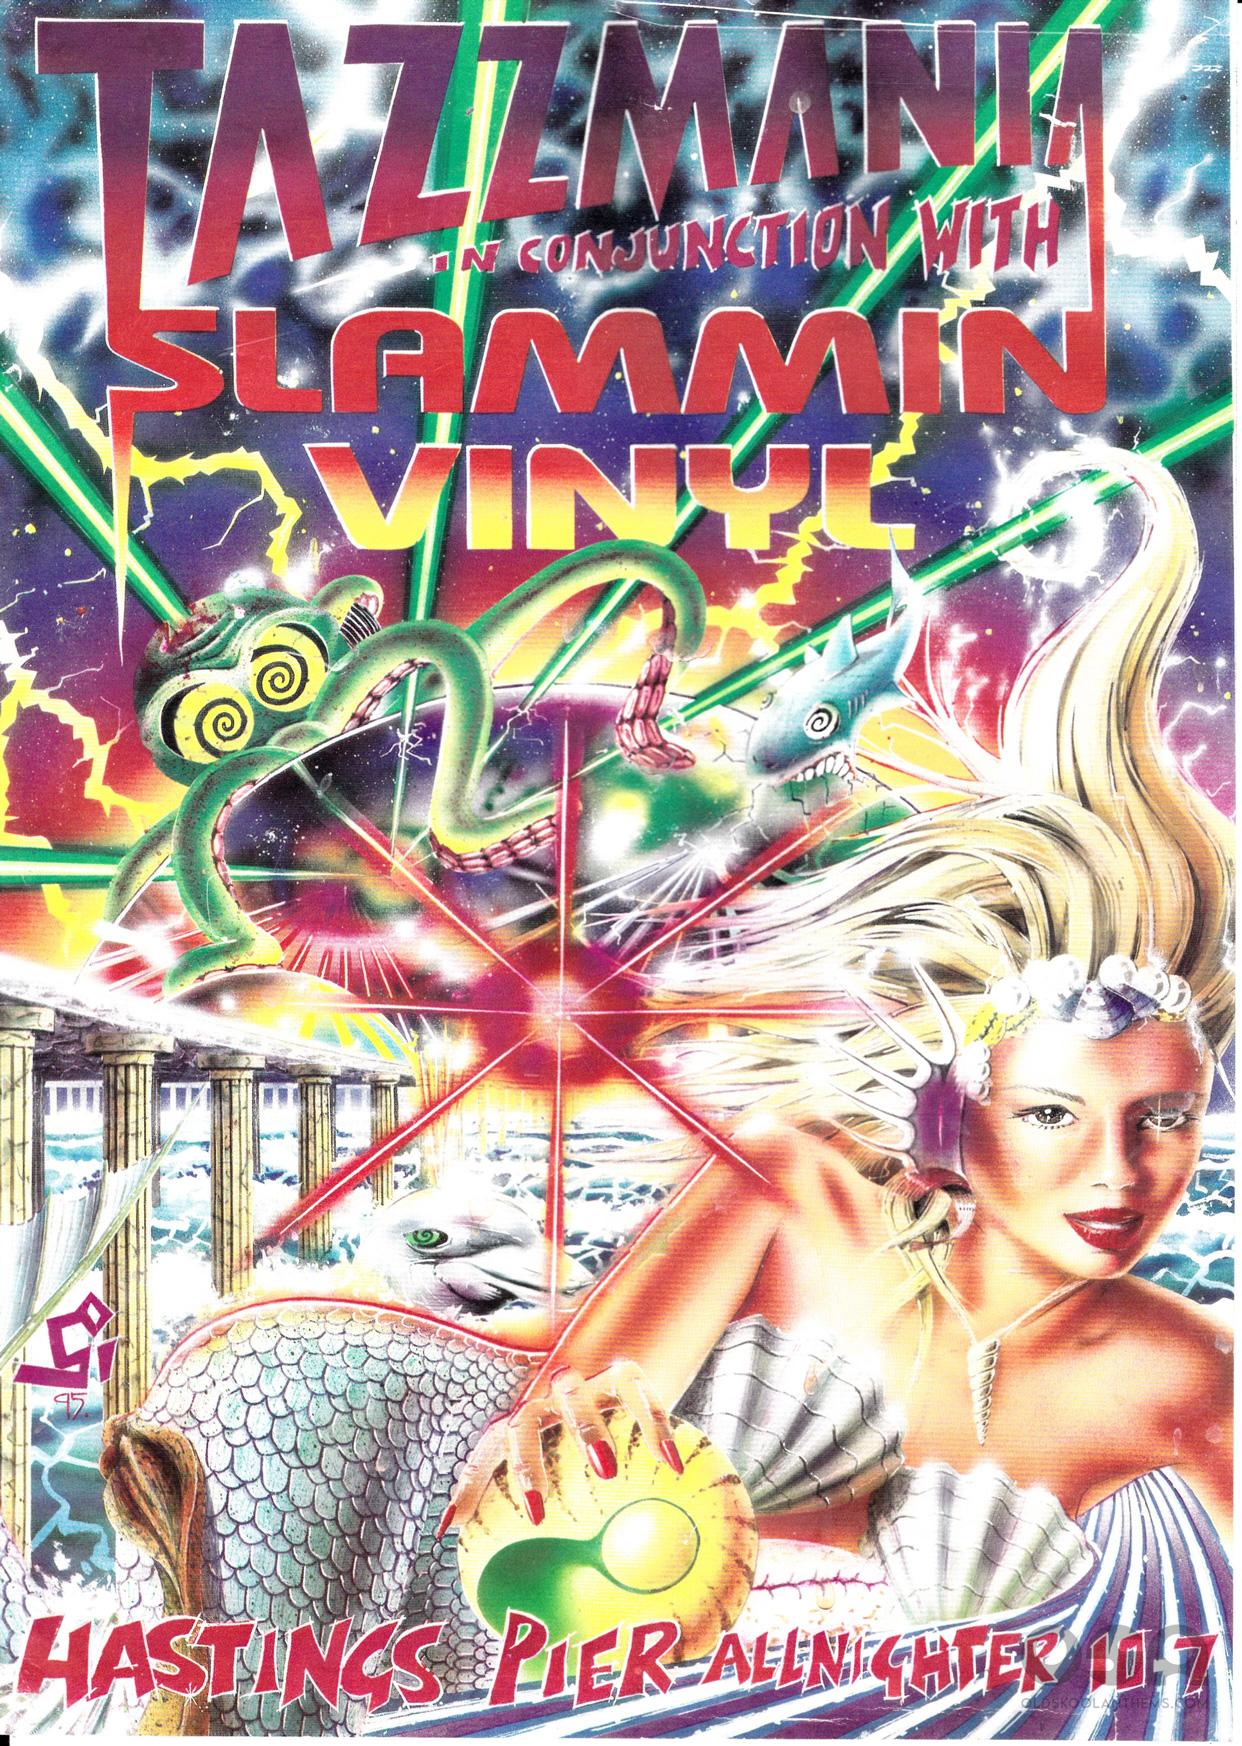 Slammin-Vinyl-1a.jpg